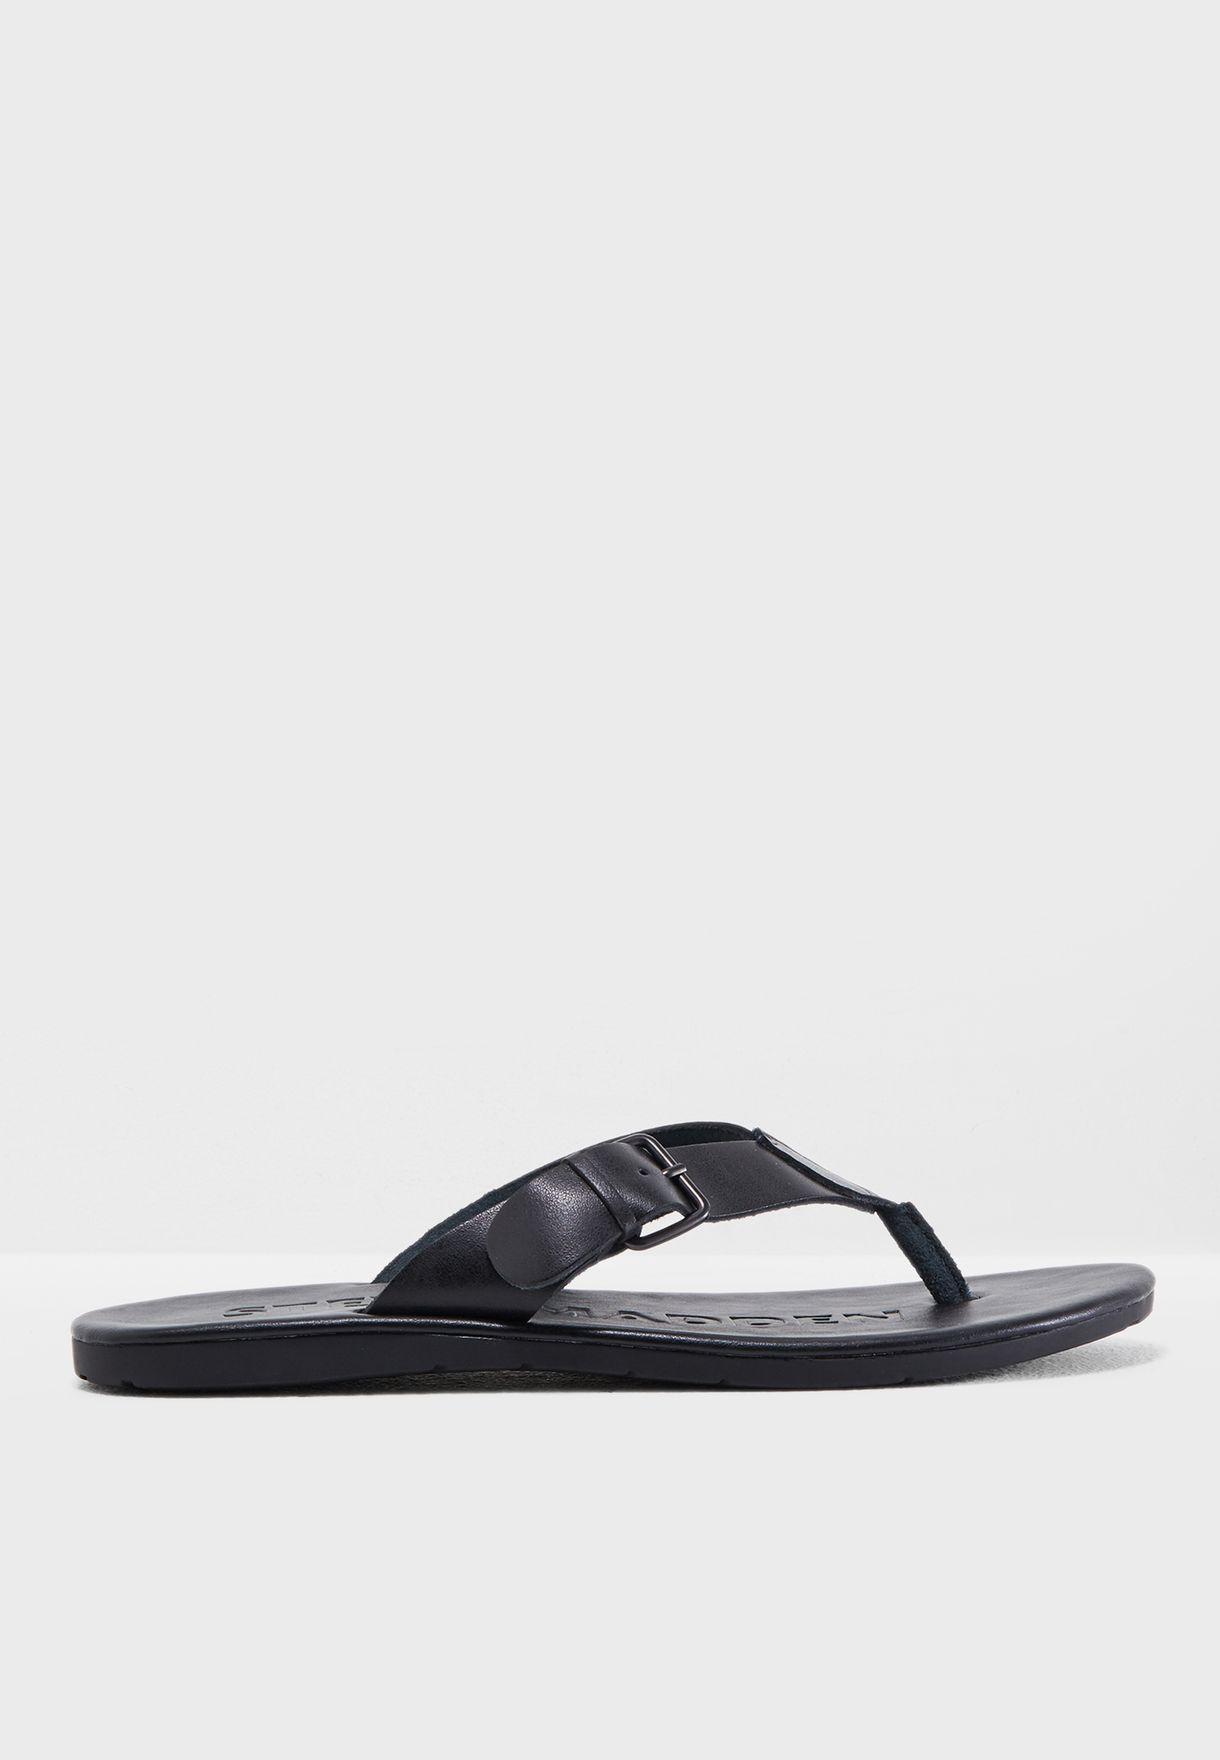 8b1d5817b950 Shop Steve Madden black Secured Sandals SECURED for Men in UAE ...